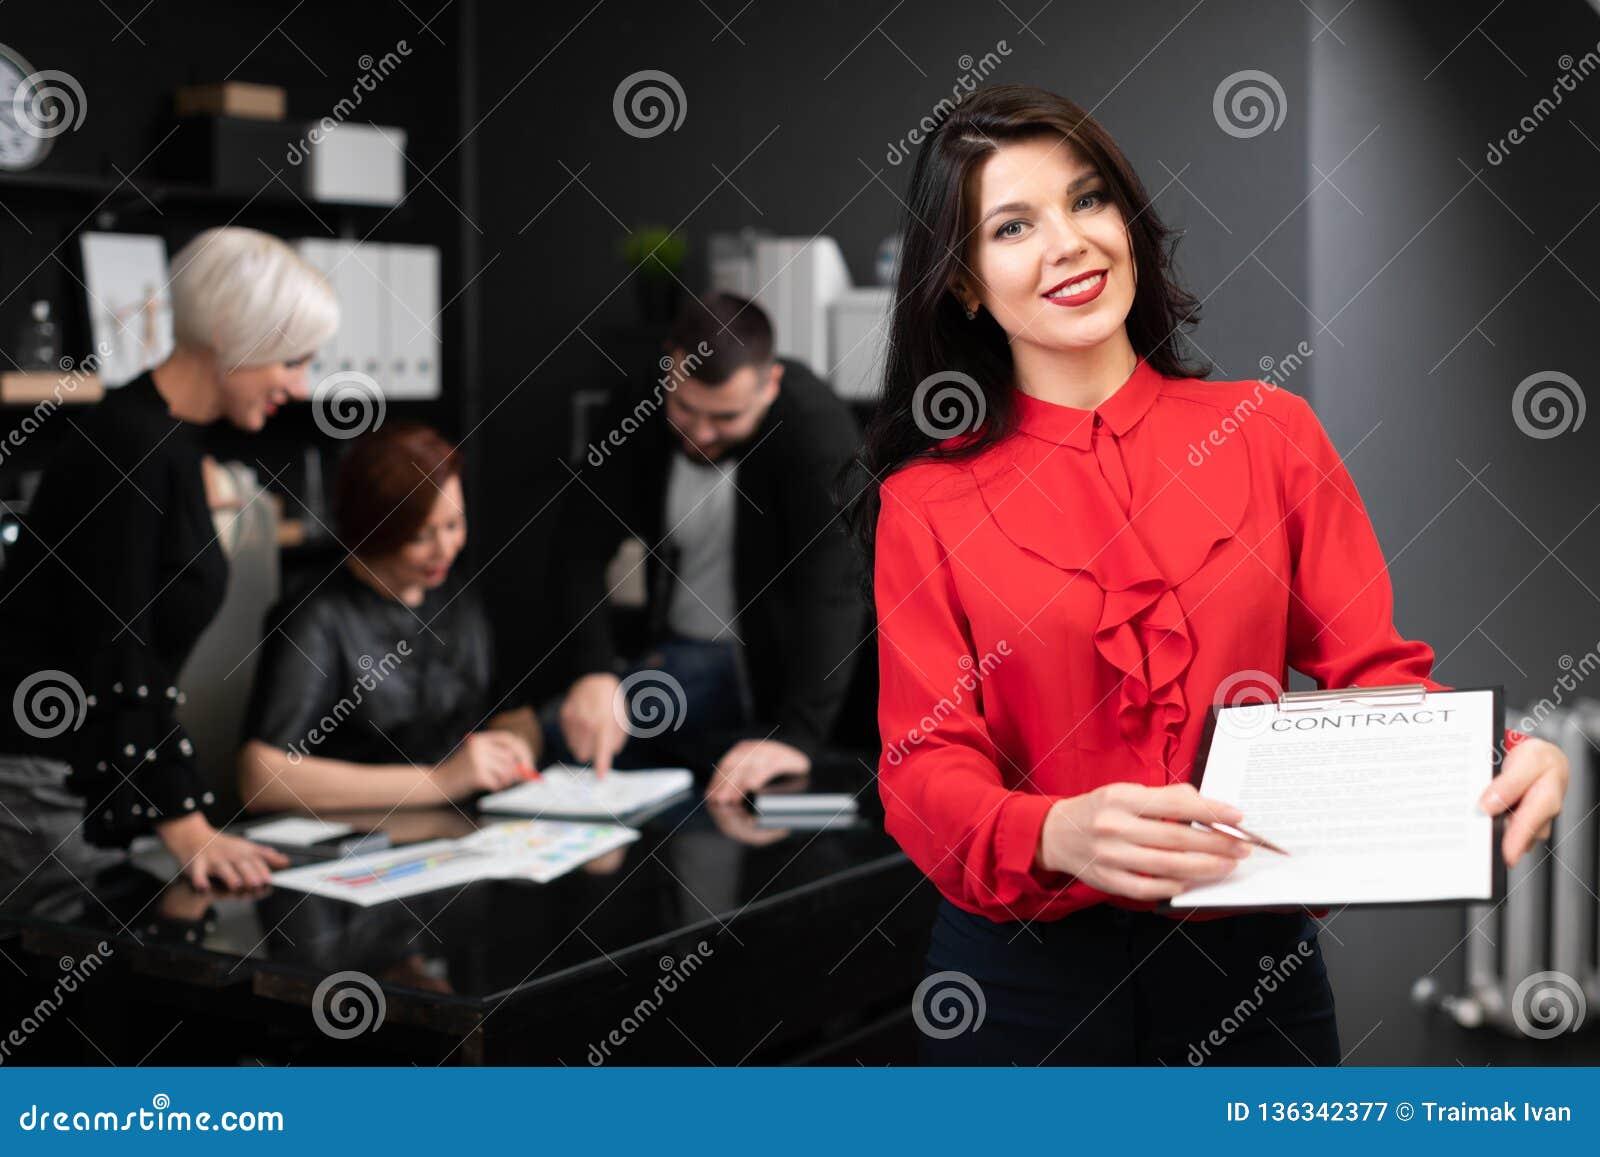 Bizneswoman z piórem i kontrakt na tle urzędnicy dyskutujemy projekt